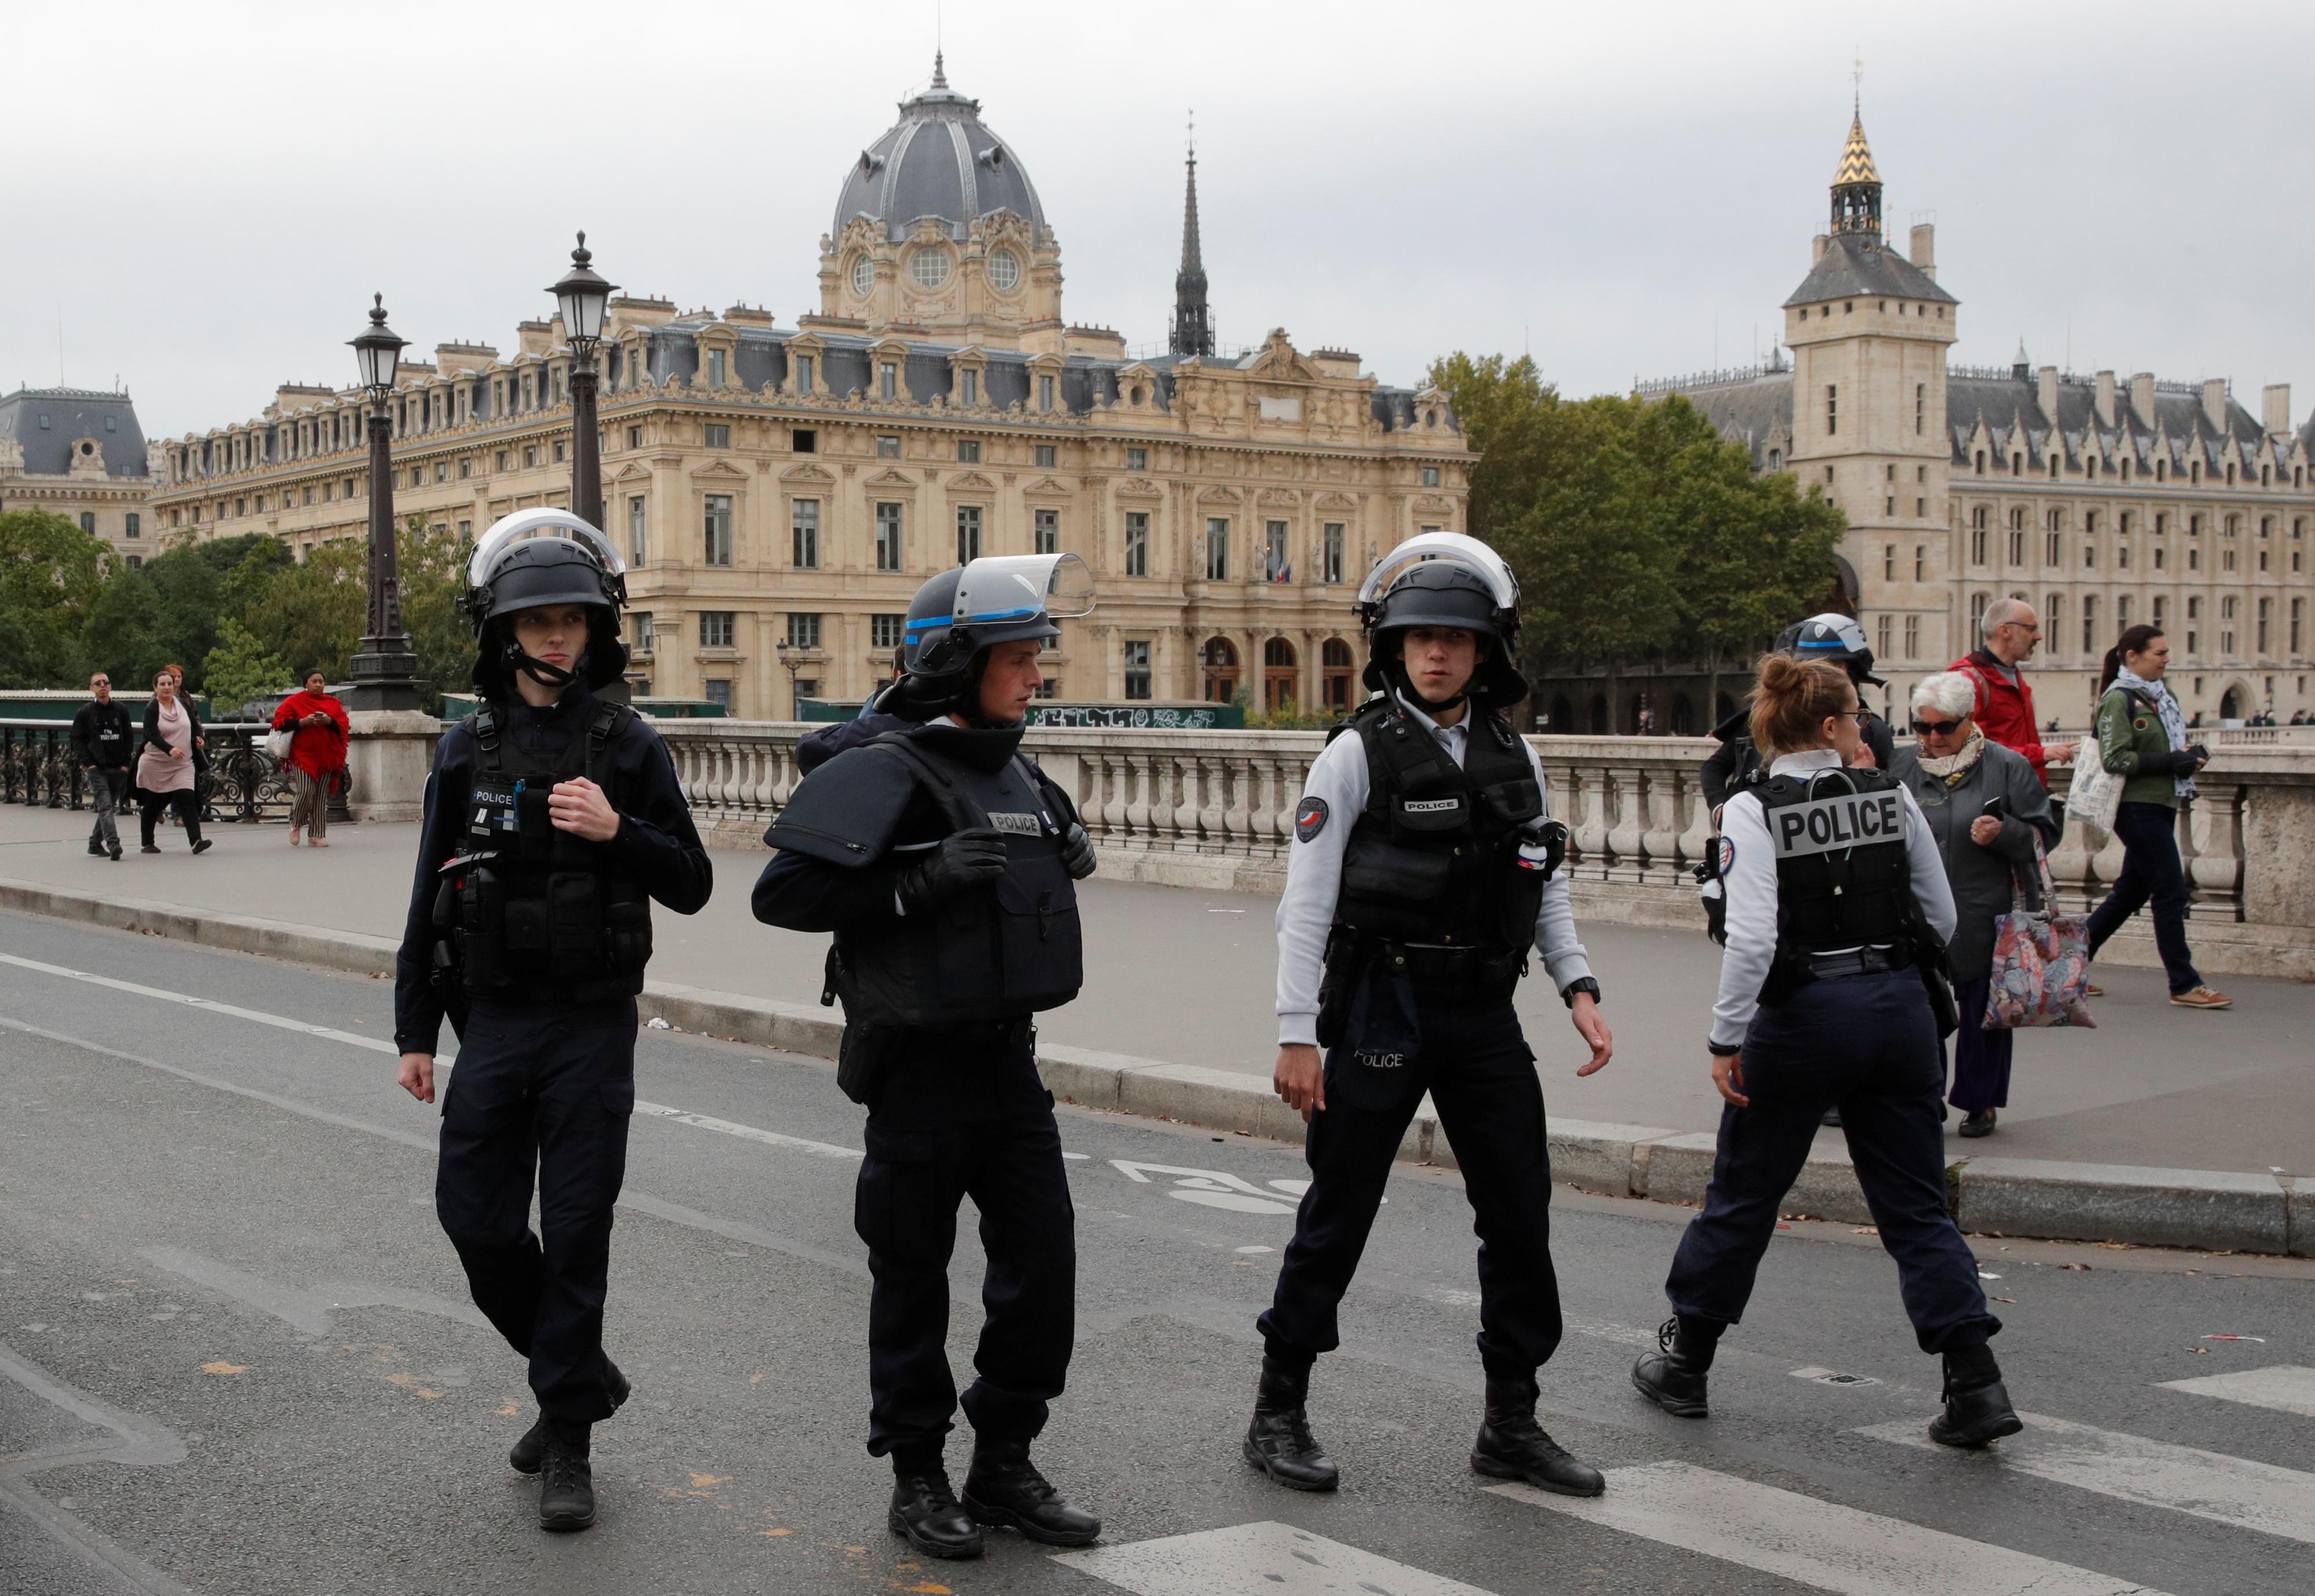 Επίθεση με μαχαίρι σε αστυνομικούς στο Παρίσι